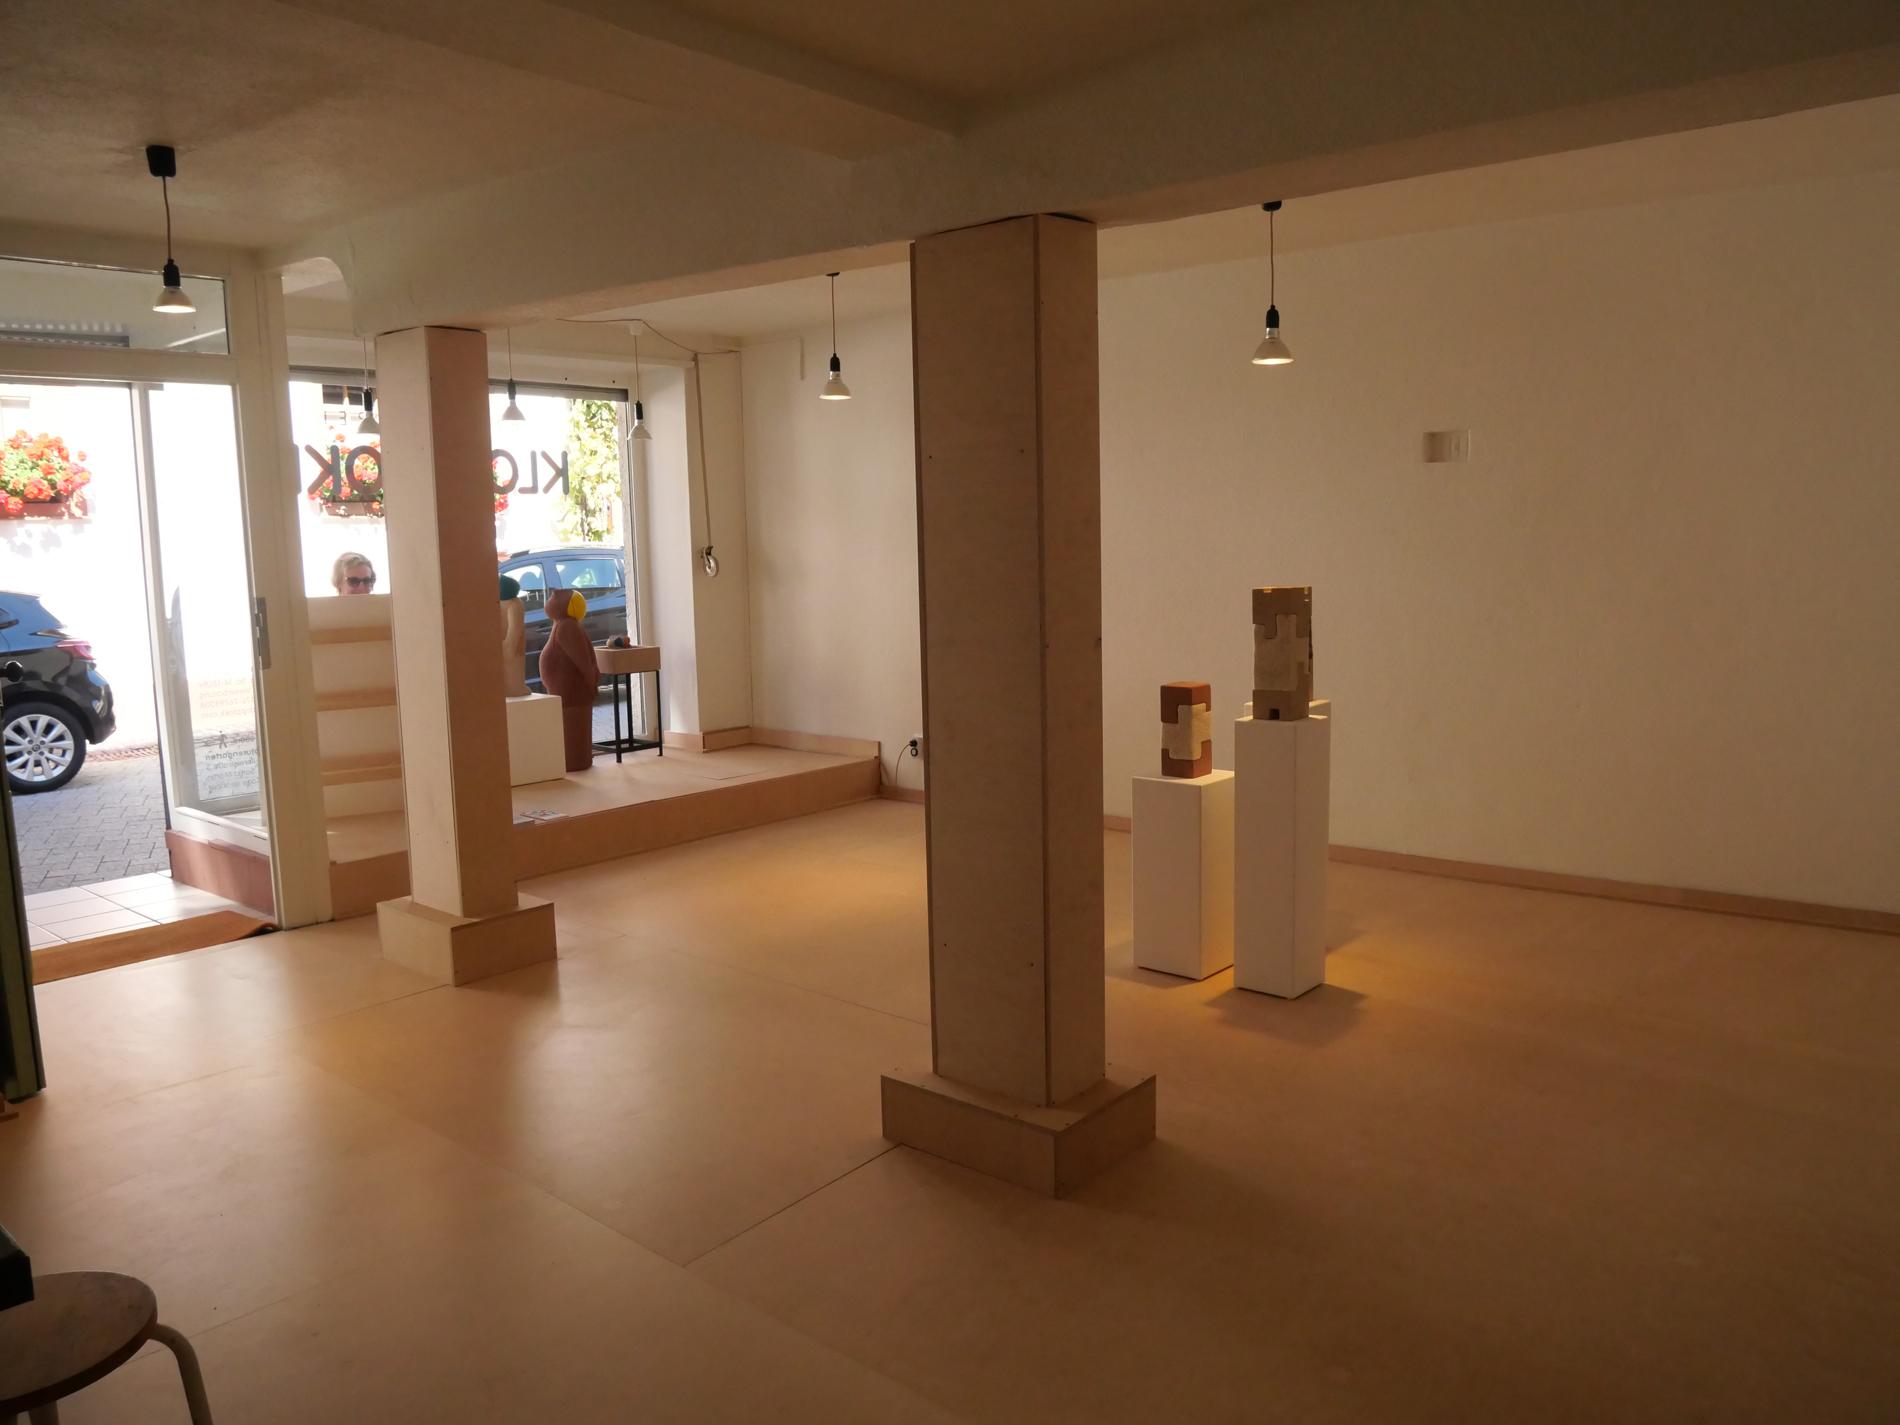 Atelier & Verkauf Bildhauerei KloppTokk Maikammerer Straße 6 Sankt Martin Südlichen Weinstraße